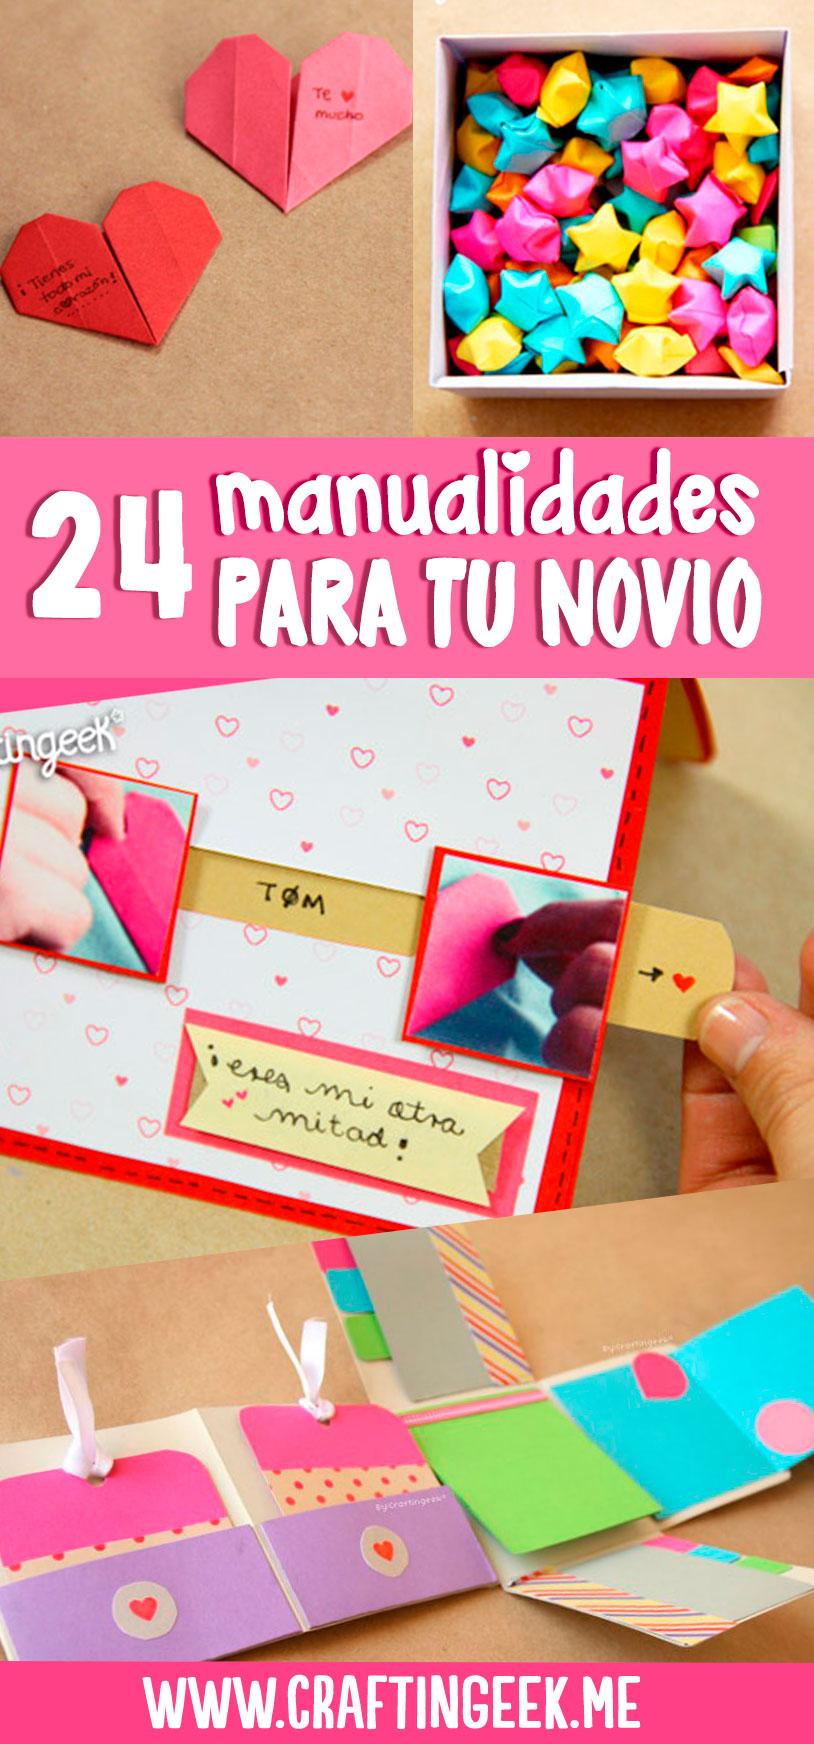 24 manualidades para tu novio o novia